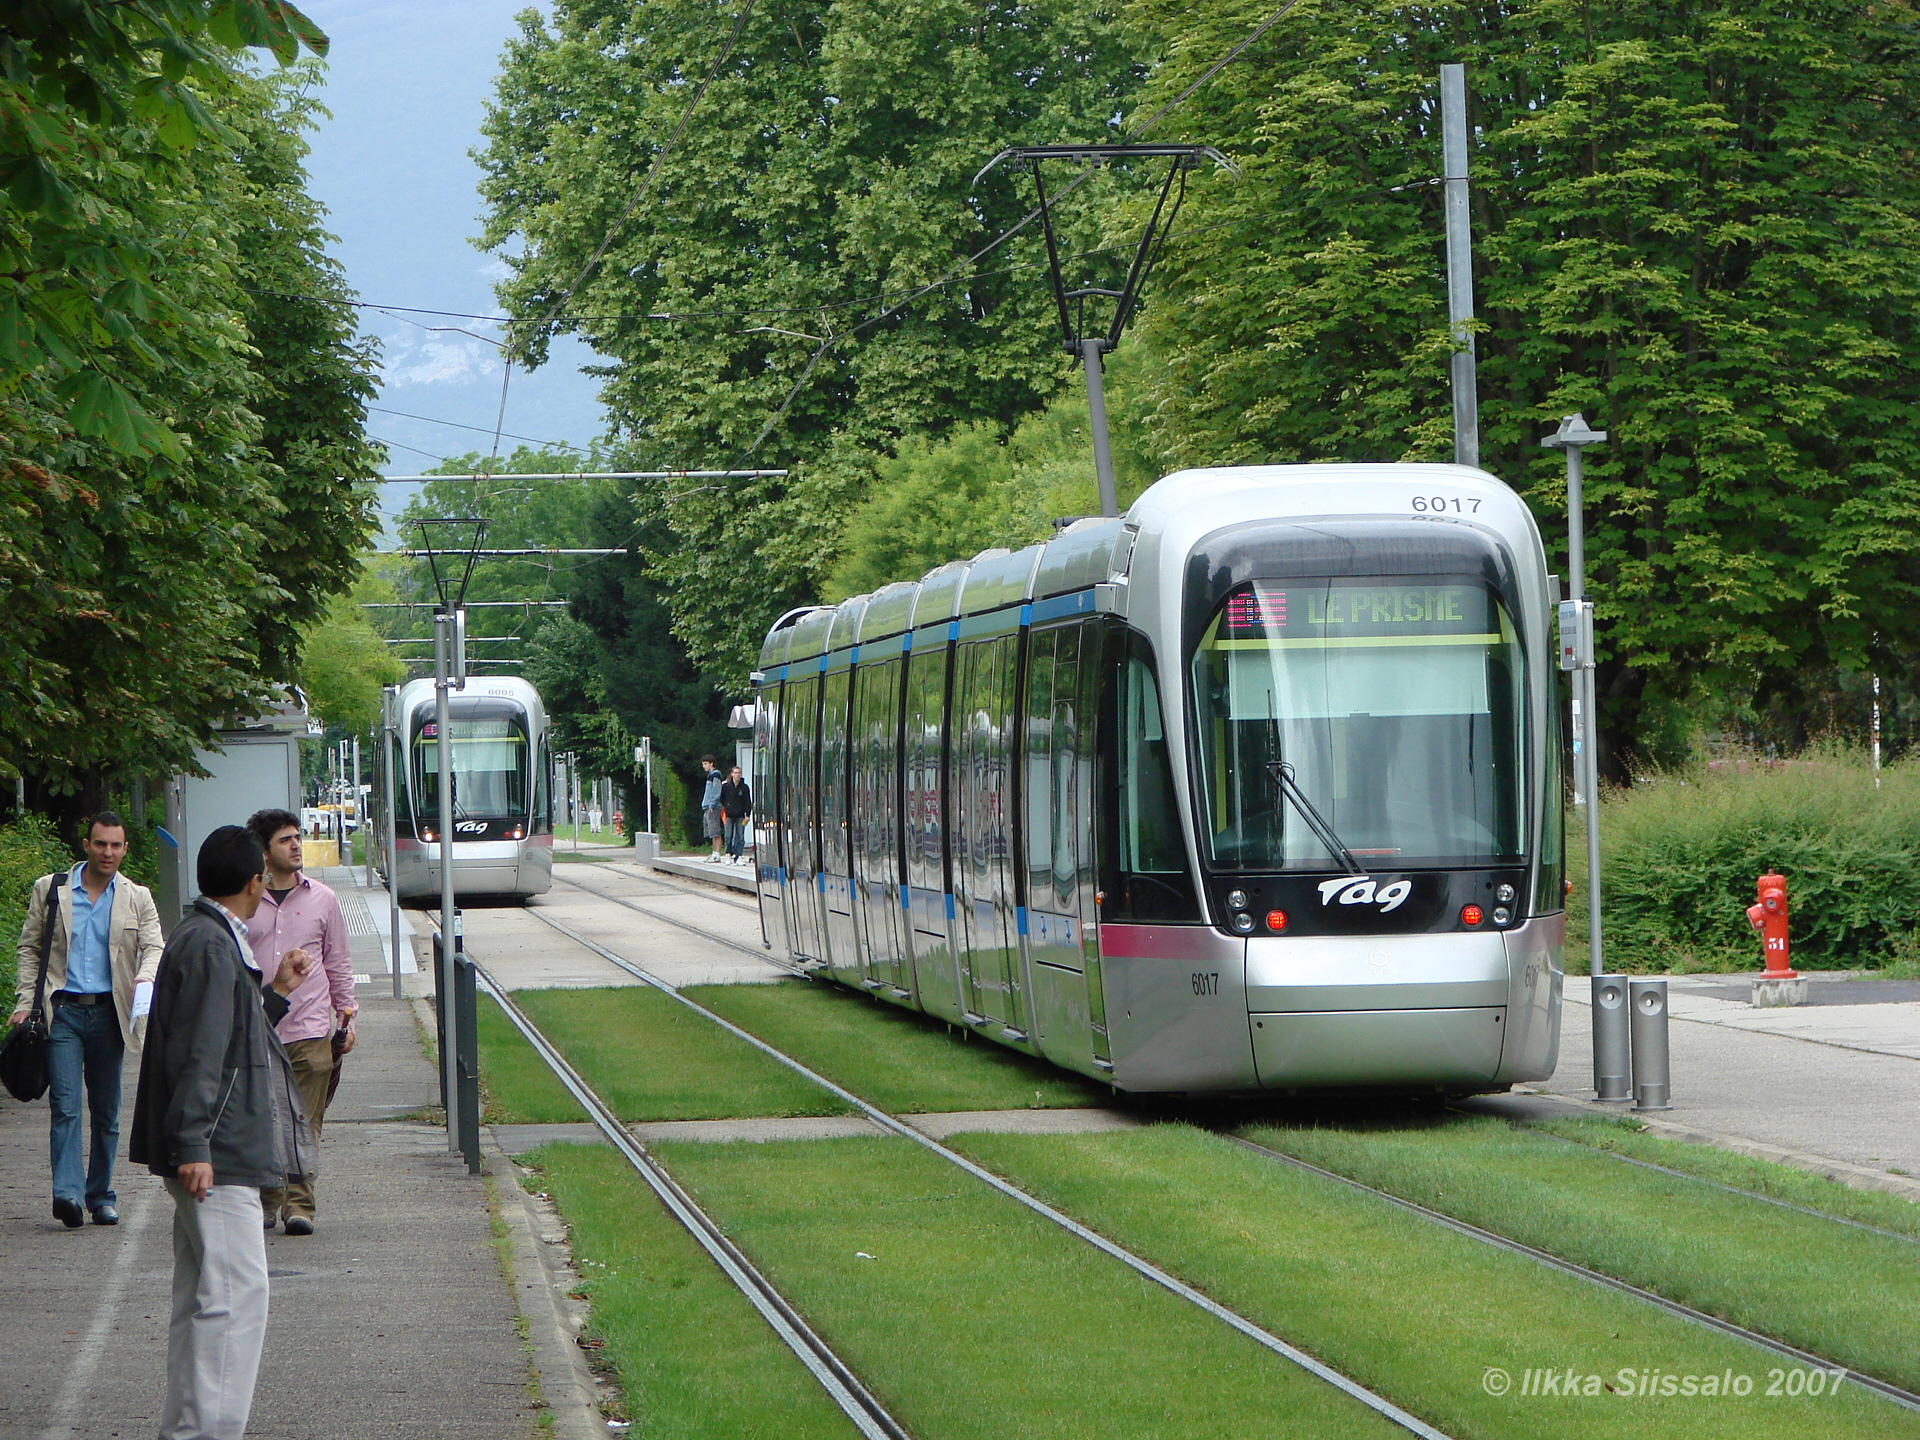 grenoble_tram1_1920